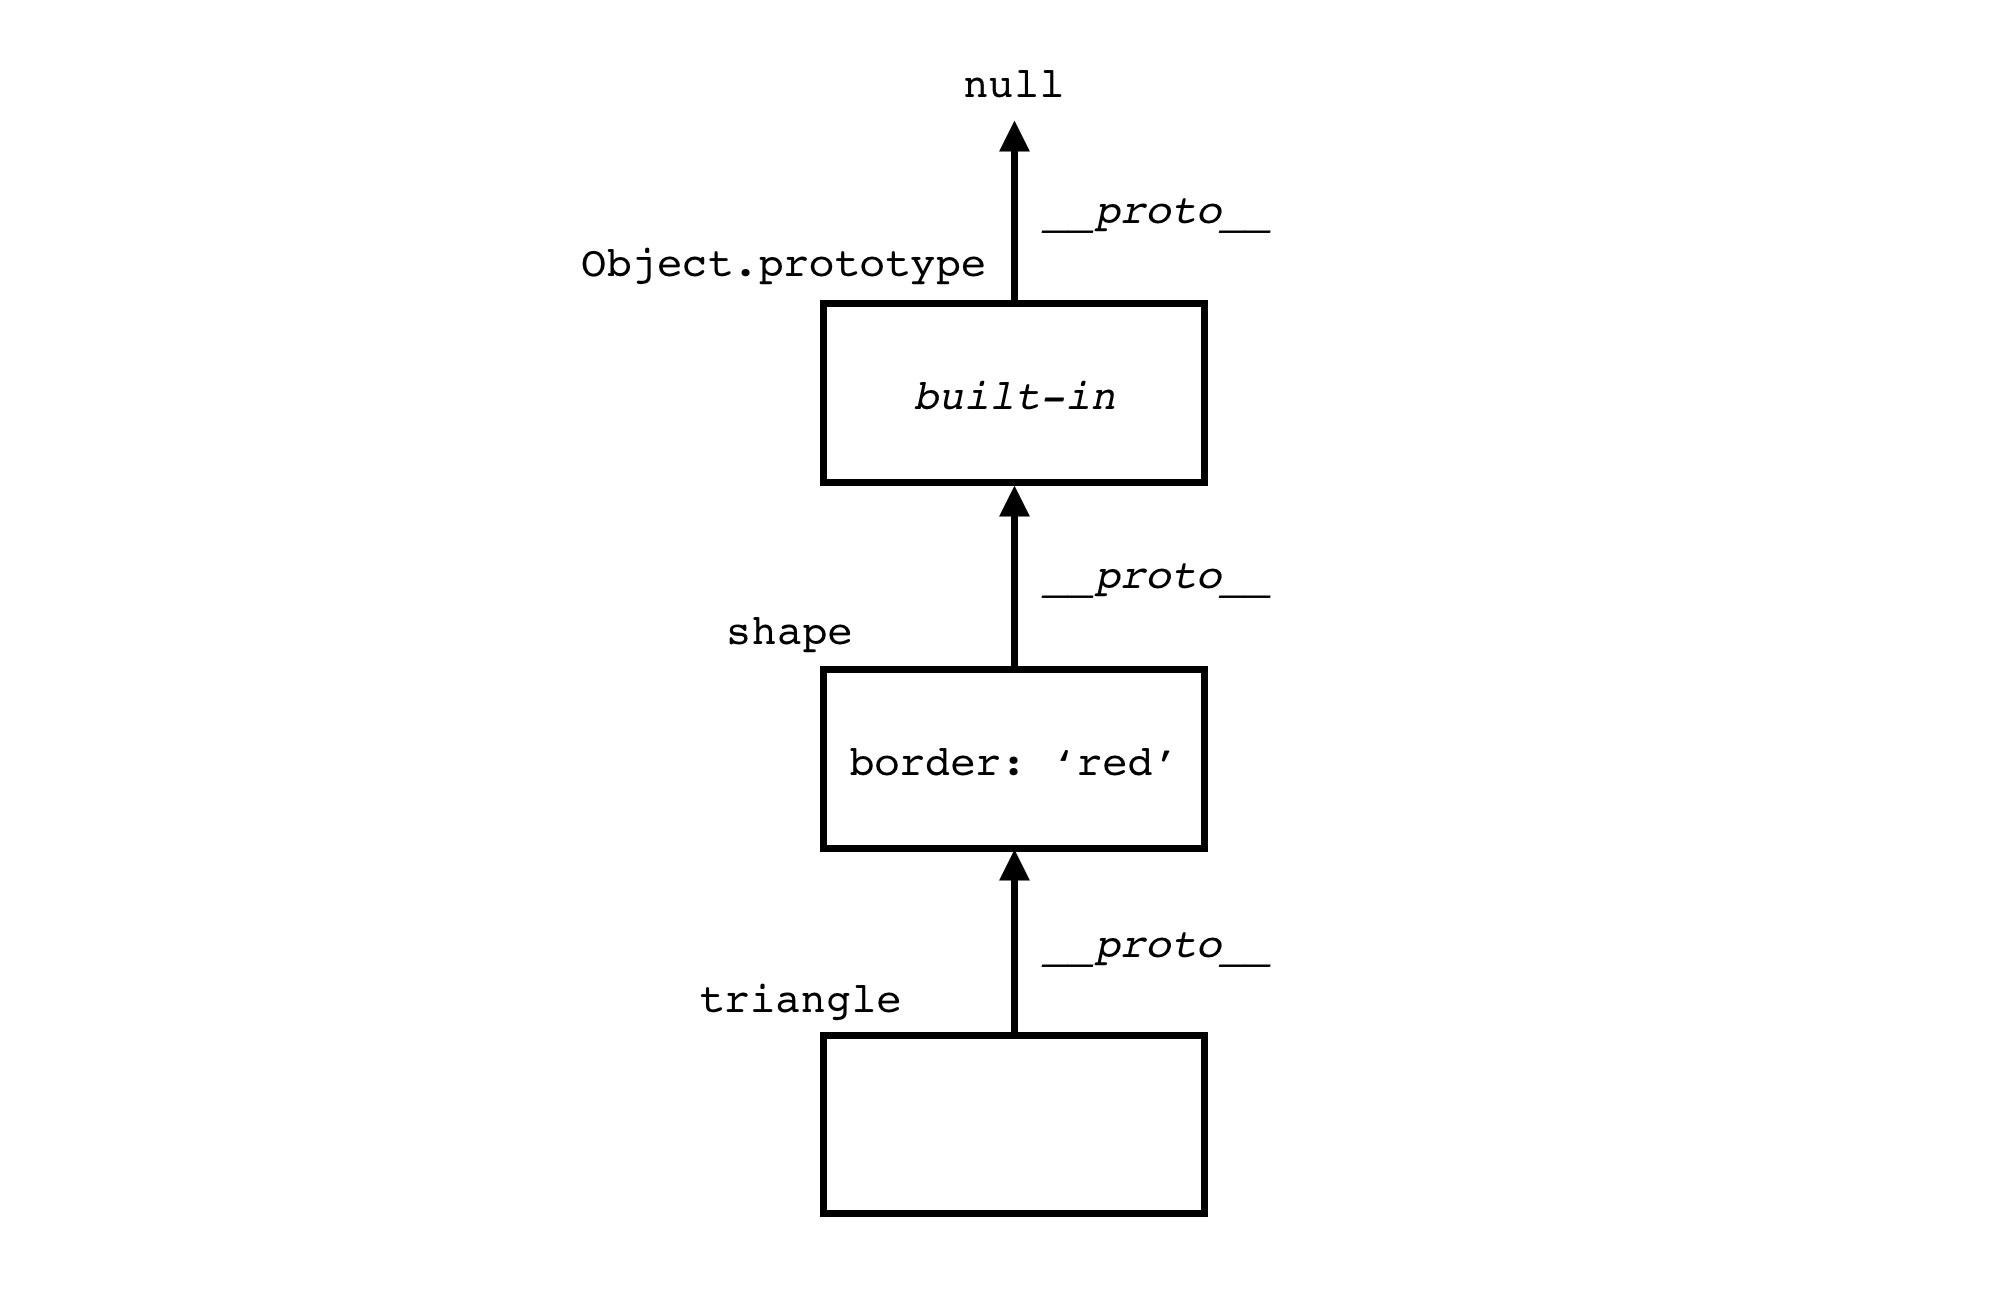 Prototype chain